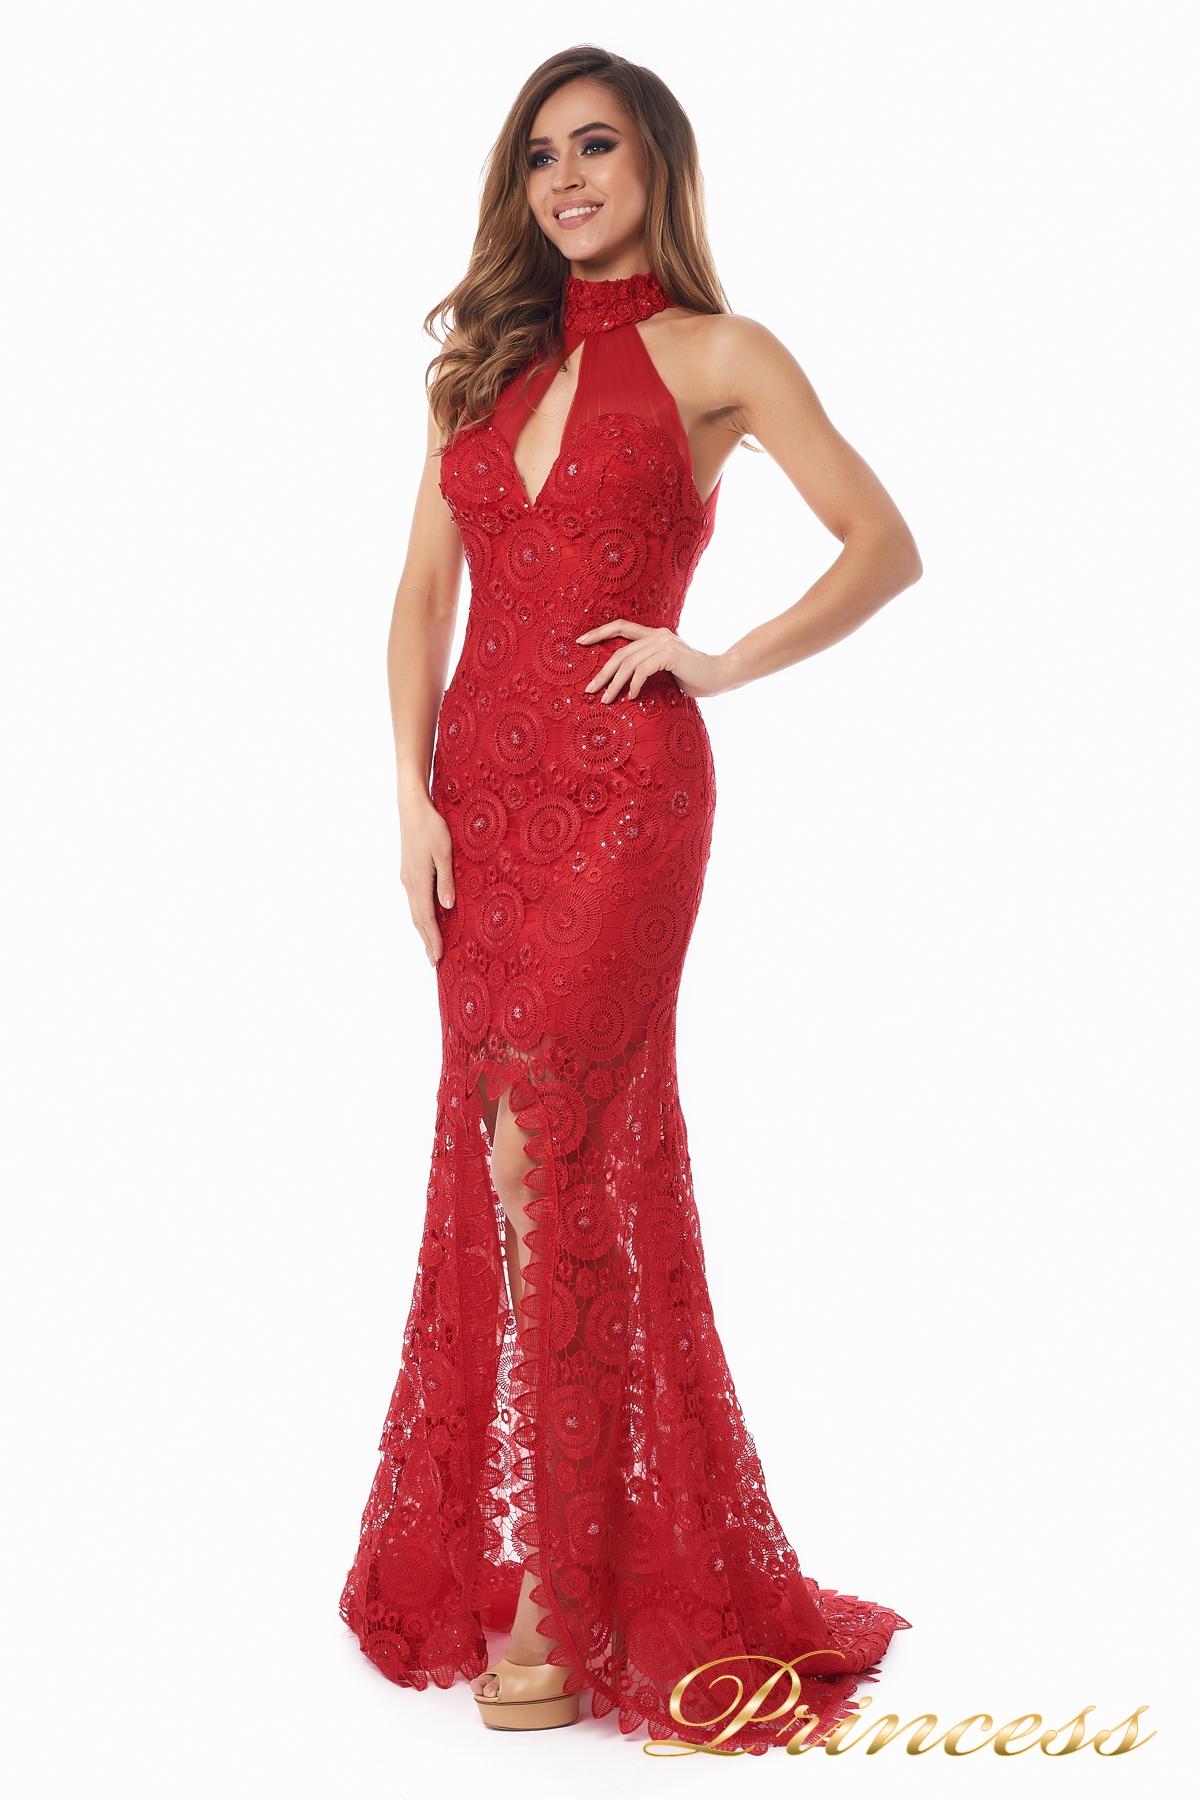 dd20b045ec249f2 Купить вечернее платье 1057 красного цвета по цене 25000 руб. в ...